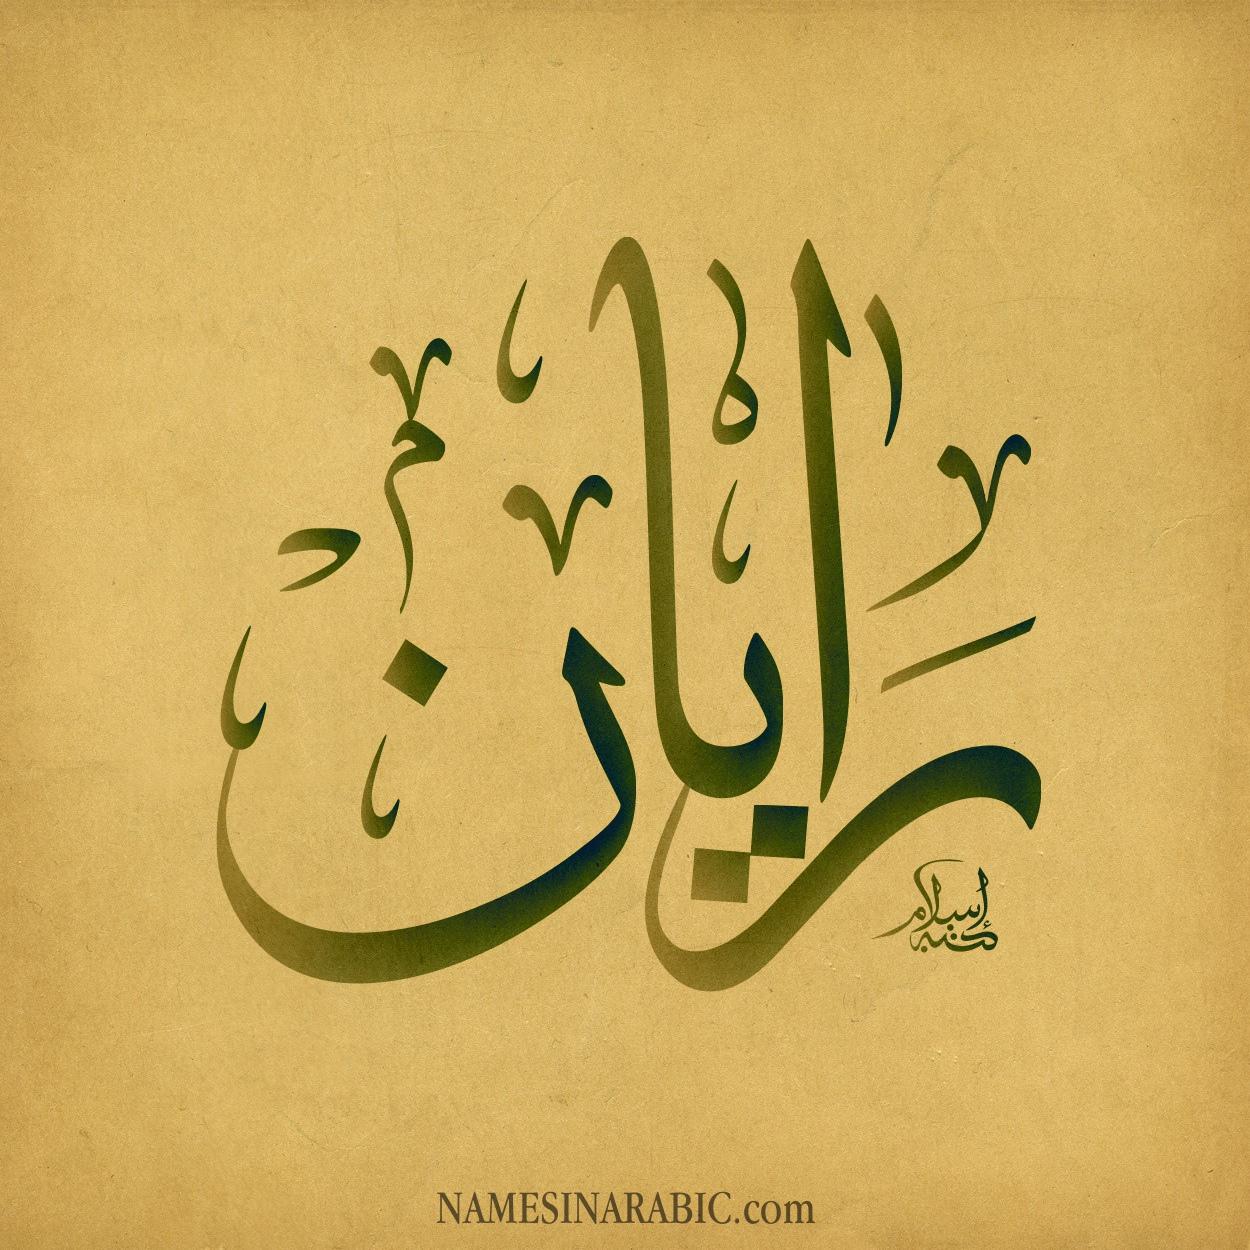 بالصور صور باسم ريان , اجمل الكلمات عن اسم ريان 4539 5